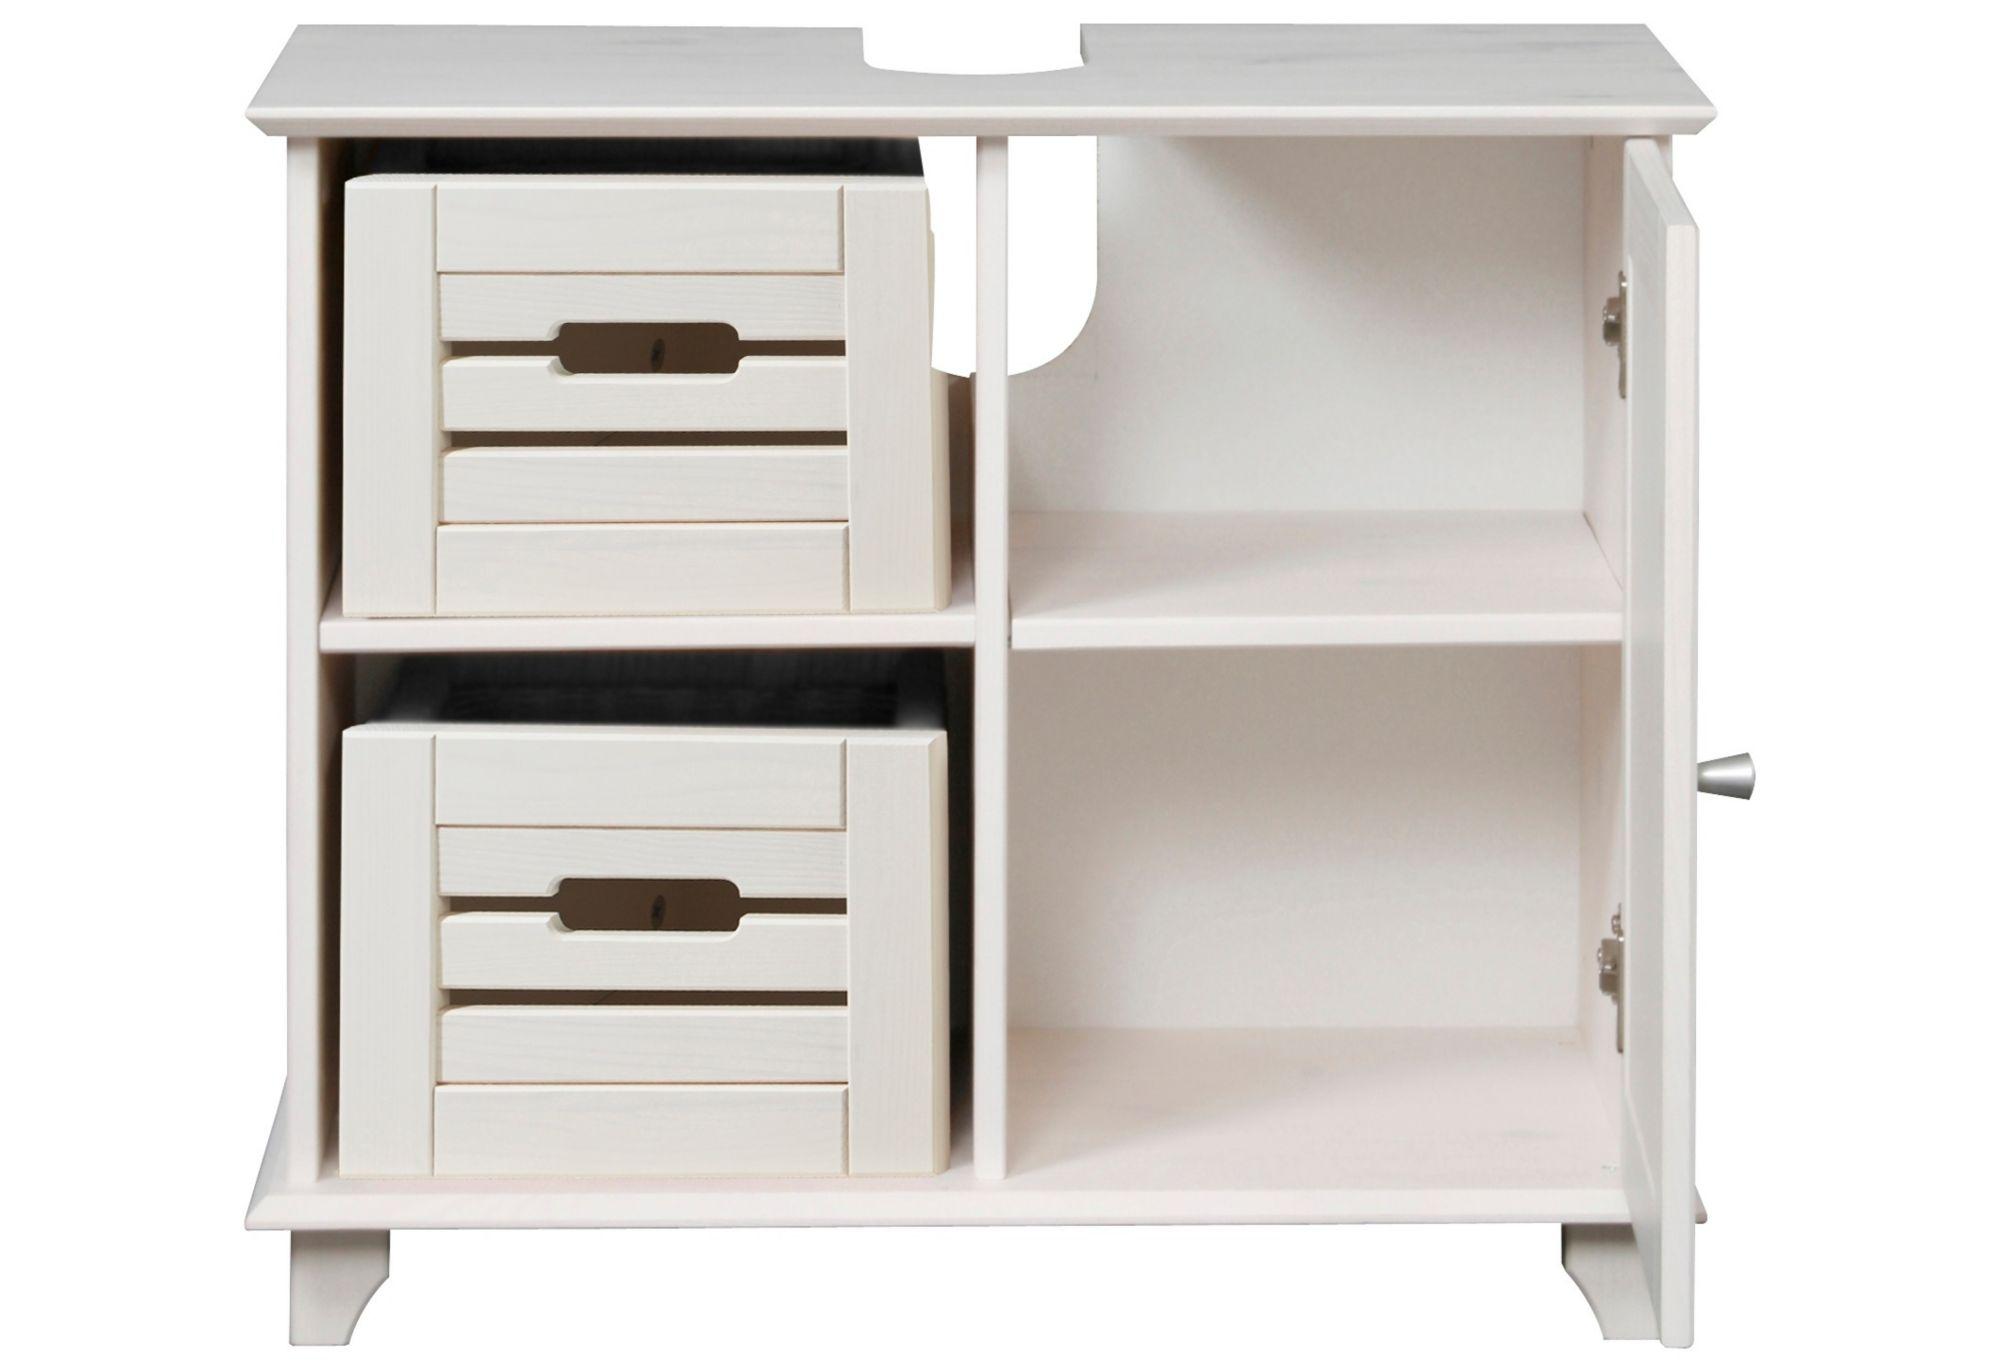 waschbeckenunterschrank venezia landhaus breite 63 cm schwab versand badschr nke. Black Bedroom Furniture Sets. Home Design Ideas